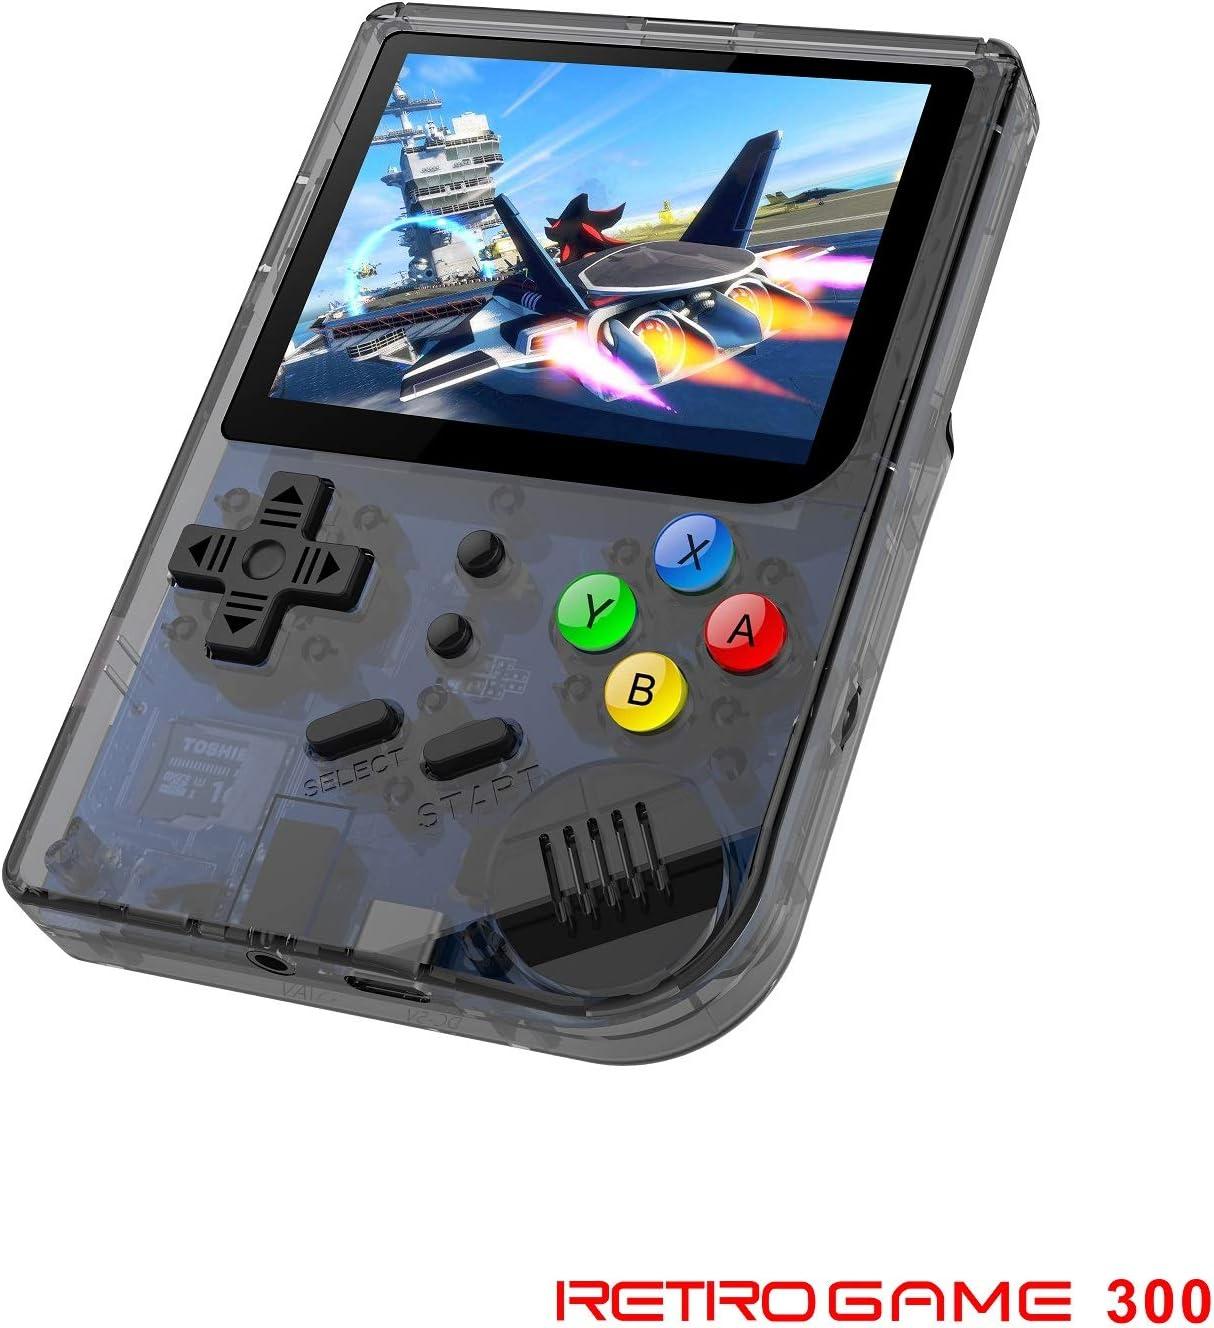 Anbernic Consola de Juegos portátil con Sistema Linux de Apertura Mejorada 2019, Retro con incorporada en 3007 Juegos clásicos, Consola de Videojuegos Vidrio Templado de 3 Pulgadas de